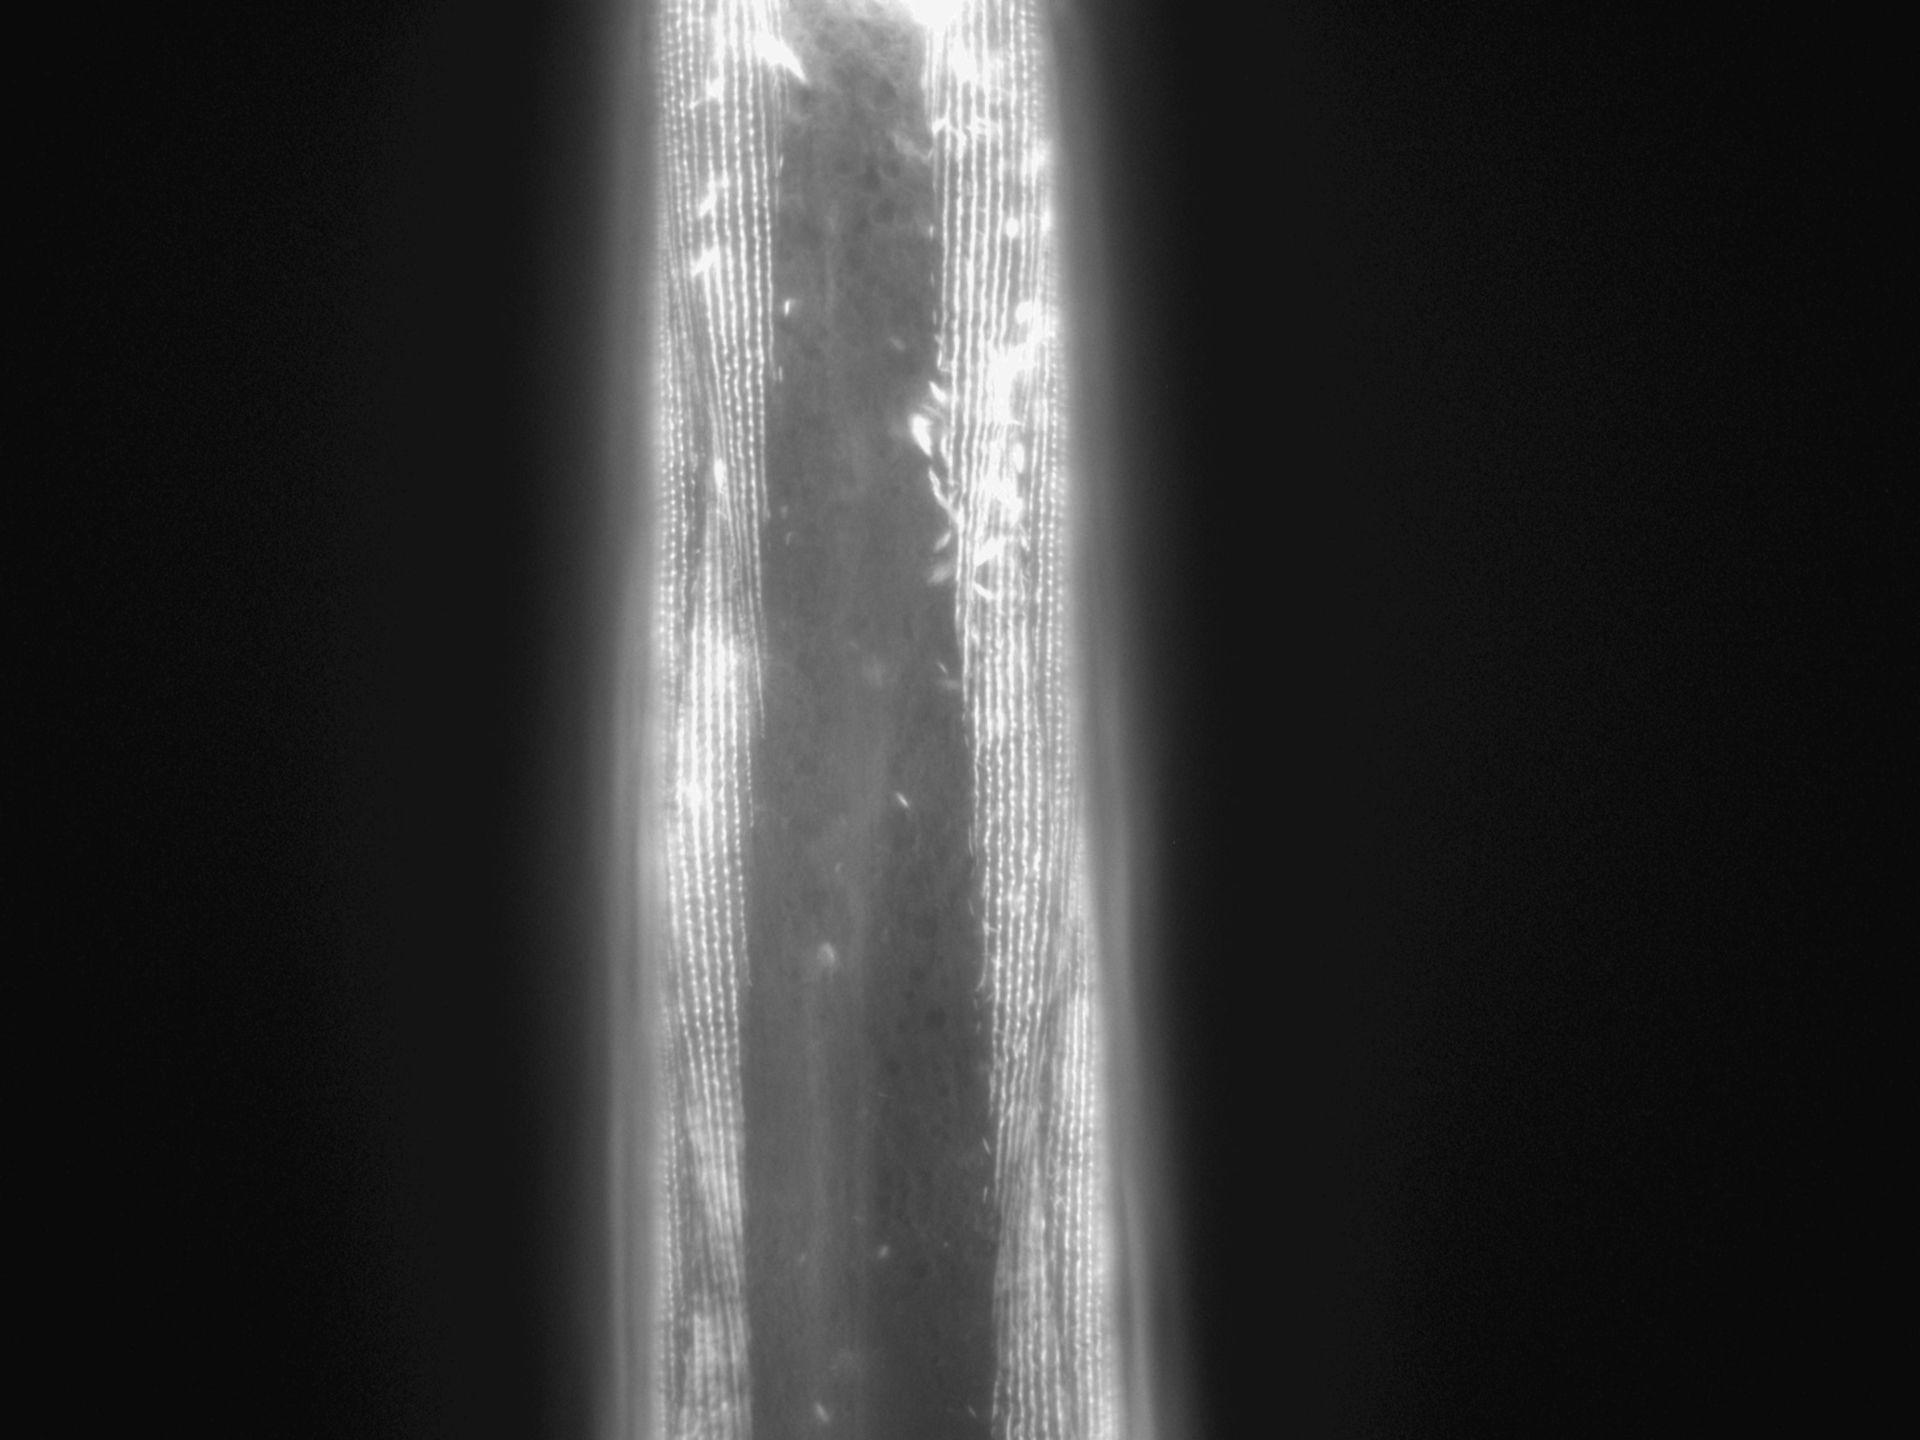 Caenorhabditis elegans (Actin filament) - CIL:1033